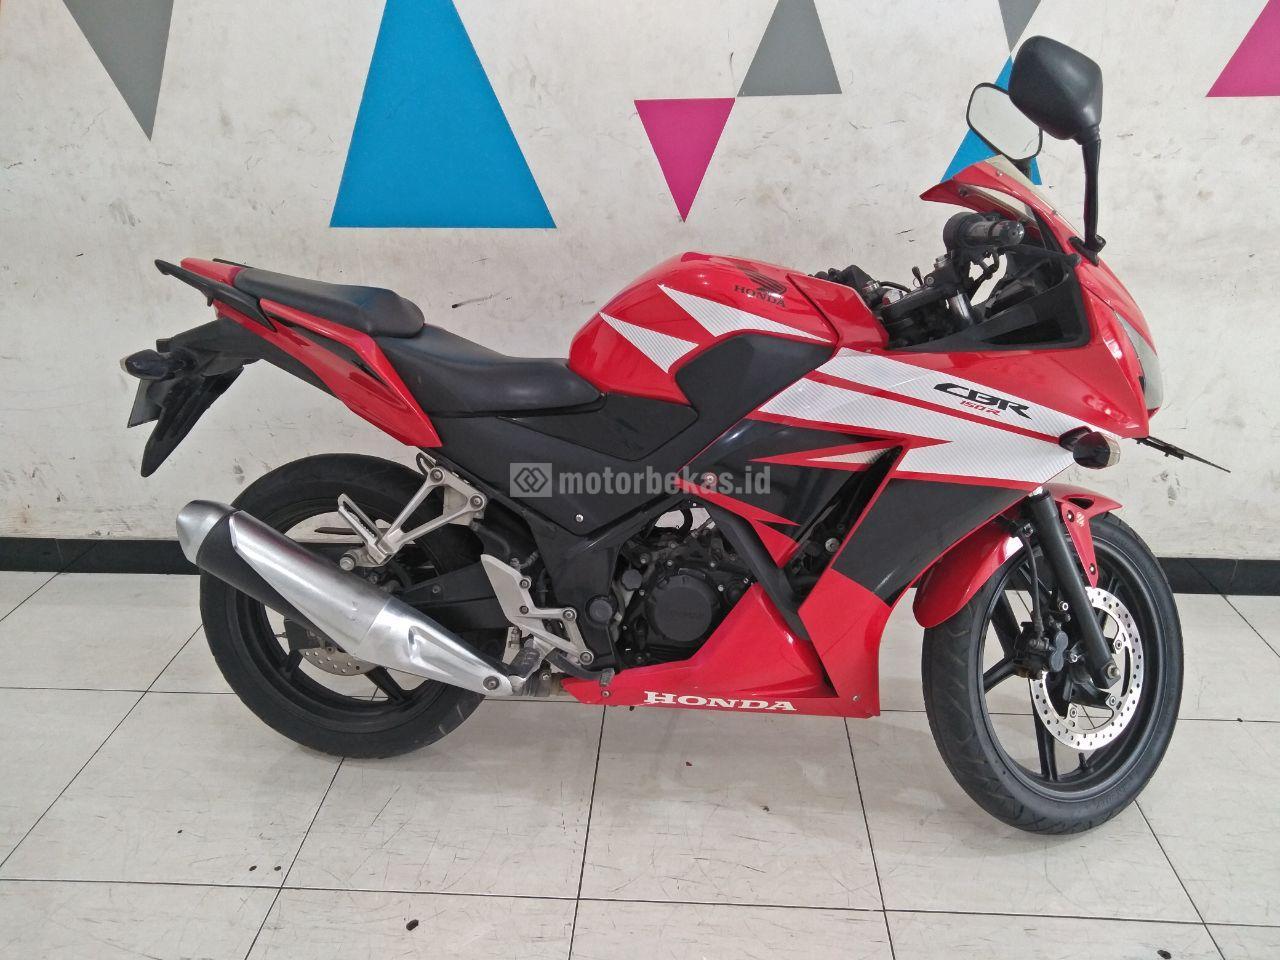 HONDA CBR 150  3842 motorbekas.id